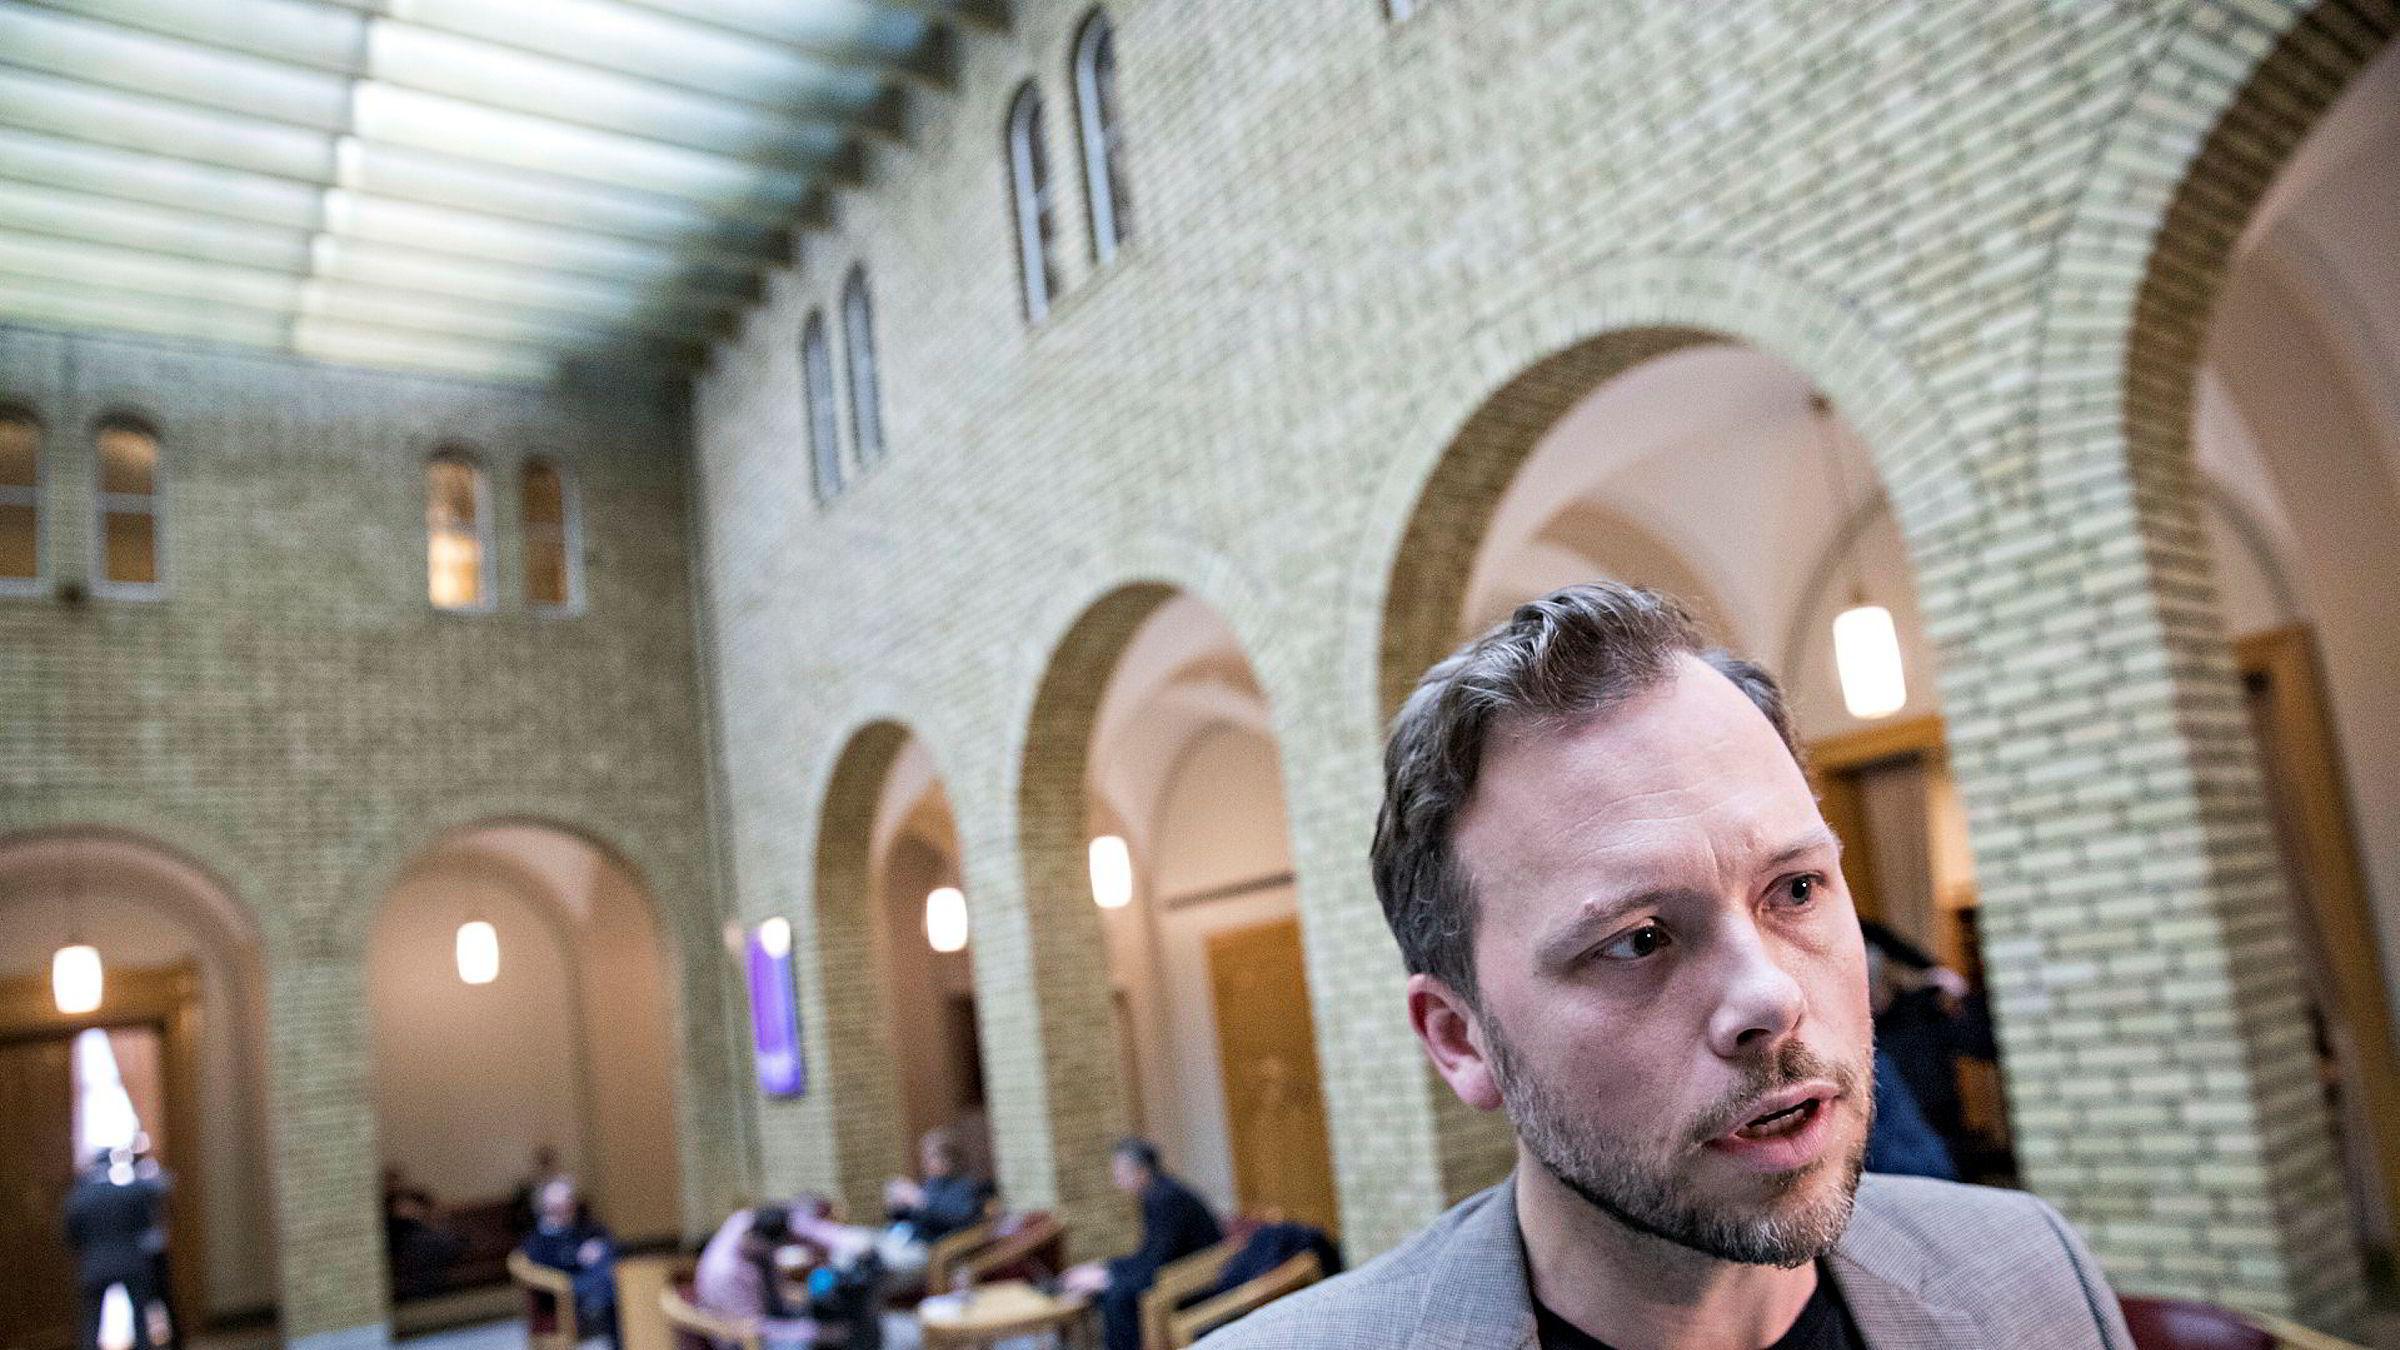 SV-leder Audun Lysbakken mener regjeringen lar oljeselskapene snike seg forbi demokratisk kontroll.